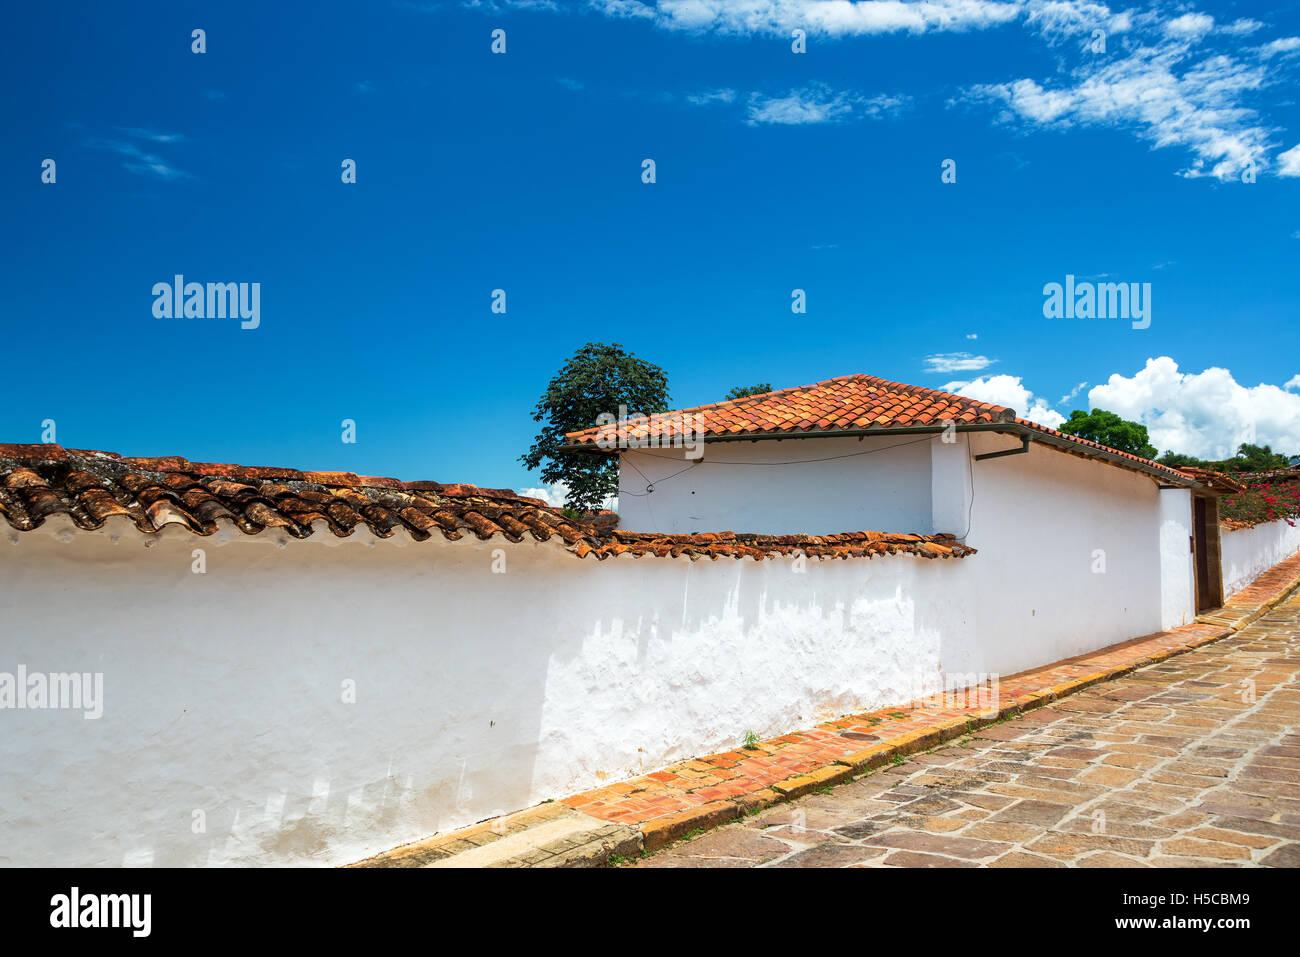 Arquitectura colonial blanca en Barichara, Colombia Imagen De Stock